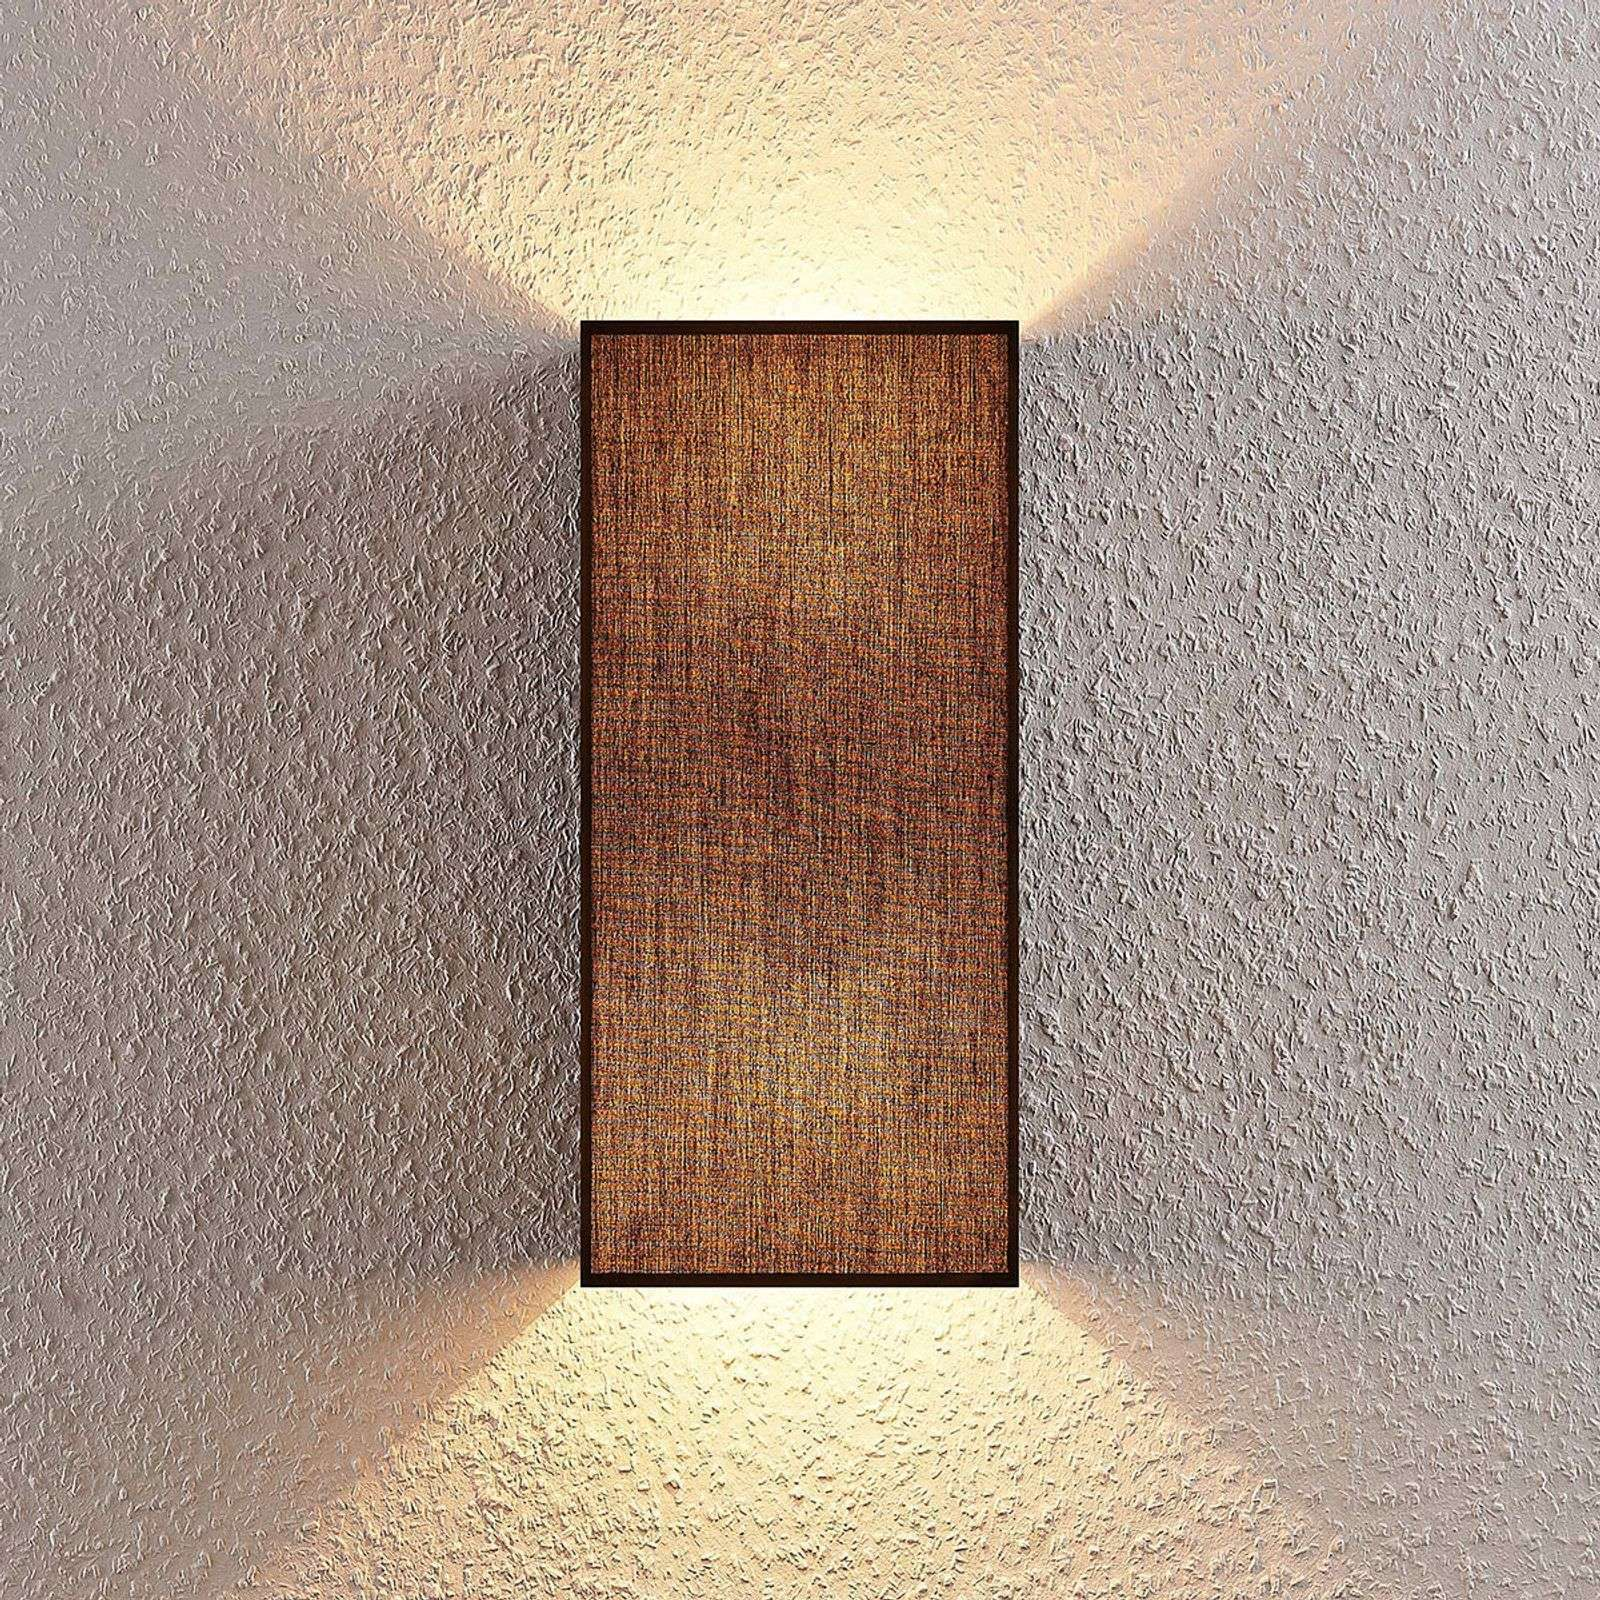 Full Size of Wandlampen Mehr Als 5000 Angebote Schlafzimmer Stuhl Lampe Deckenleuchten Landhaus Sitzbank Klimagerät Für Led Deckenleuchte Tapeten Günstig Schimmel Im Wohnzimmer Wandlampen Schlafzimmer